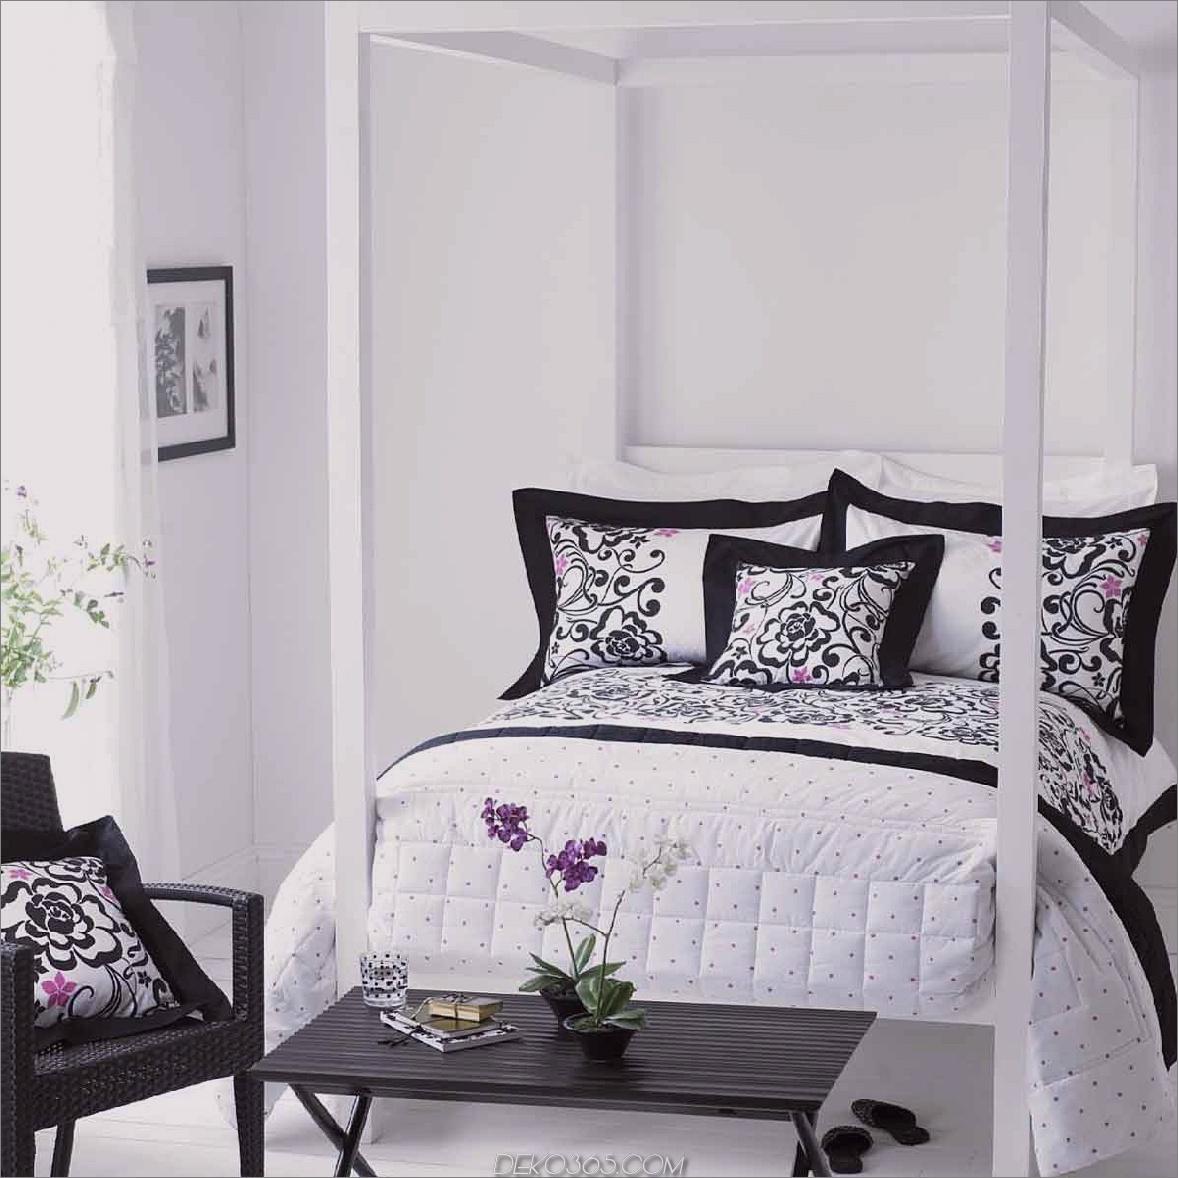 Mit diesen Gästezimmer-Gestaltungskonzepten fühlen sich Ihre Gäste wie zu Hause_5c58bac7d8dde.jpg